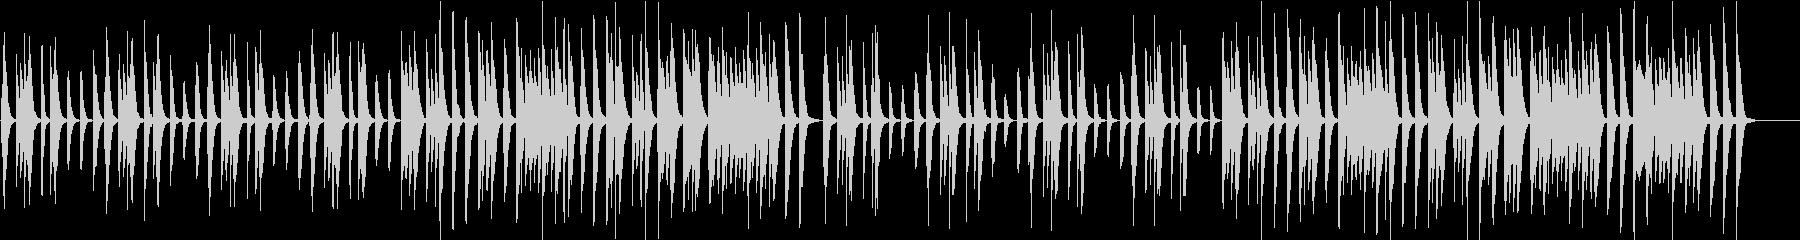 ほのぼのカワイイ子供/動物場面ピアノソロの未再生の波形